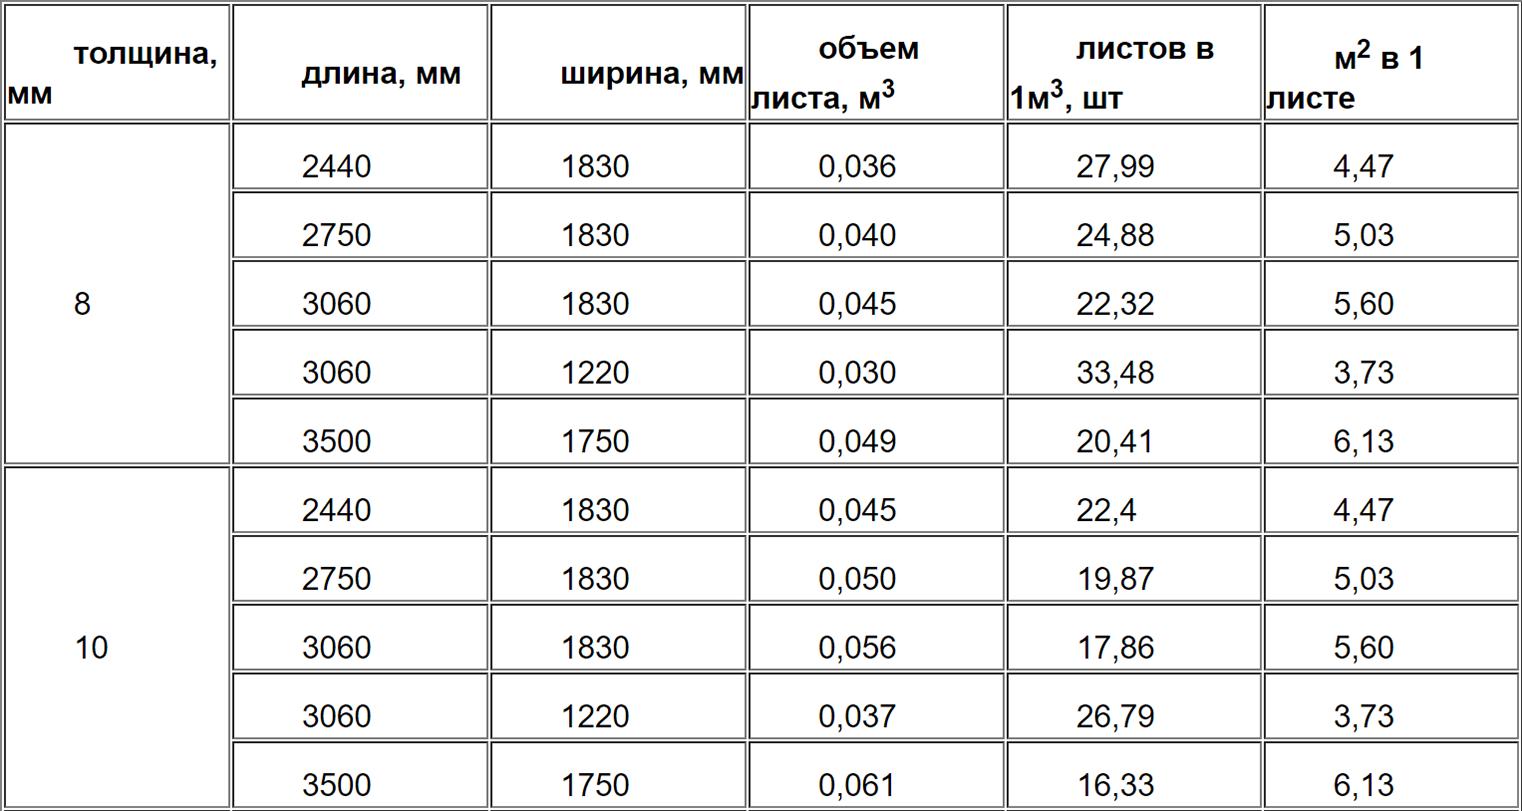 Справочные данные по объему ДСП